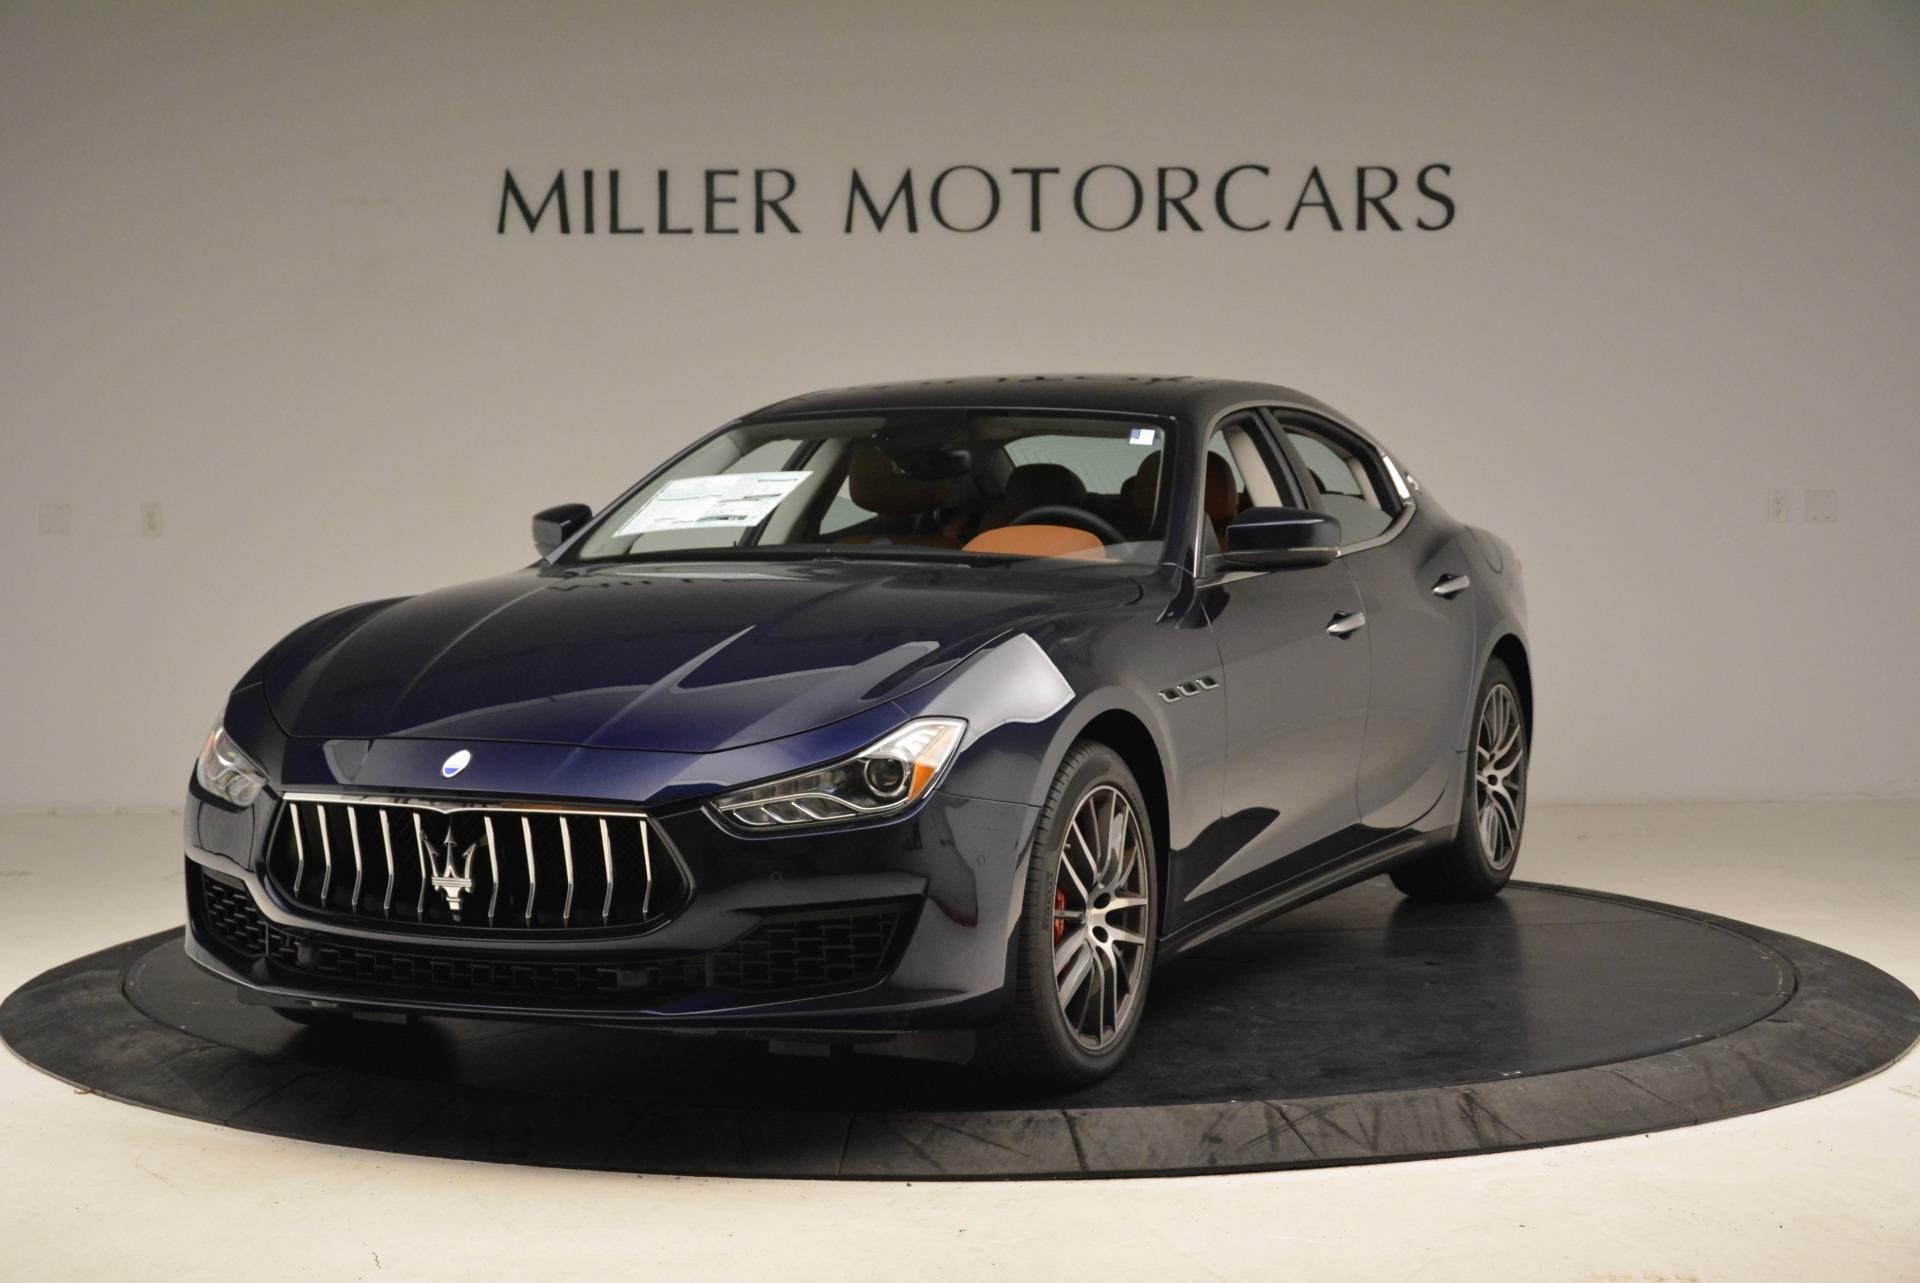 New 2020 Maserati Ghibli S Q4 for sale $87,835 at Alfa Romeo of Westport in Westport CT 06880 1